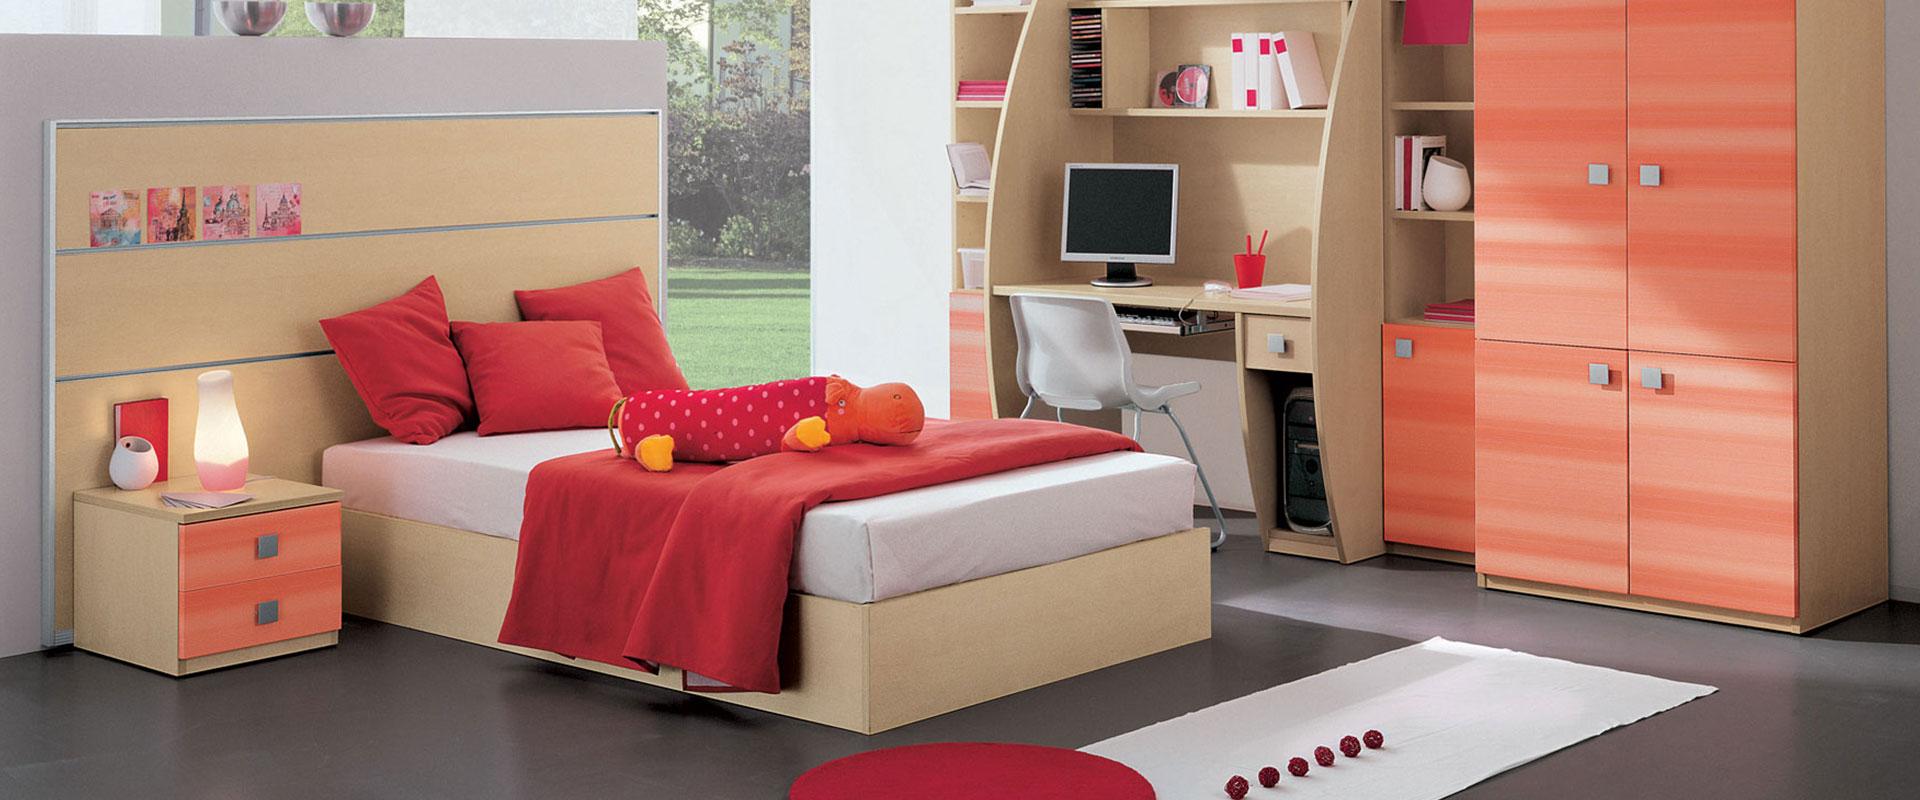 Tips para organizar mejor tu habitación